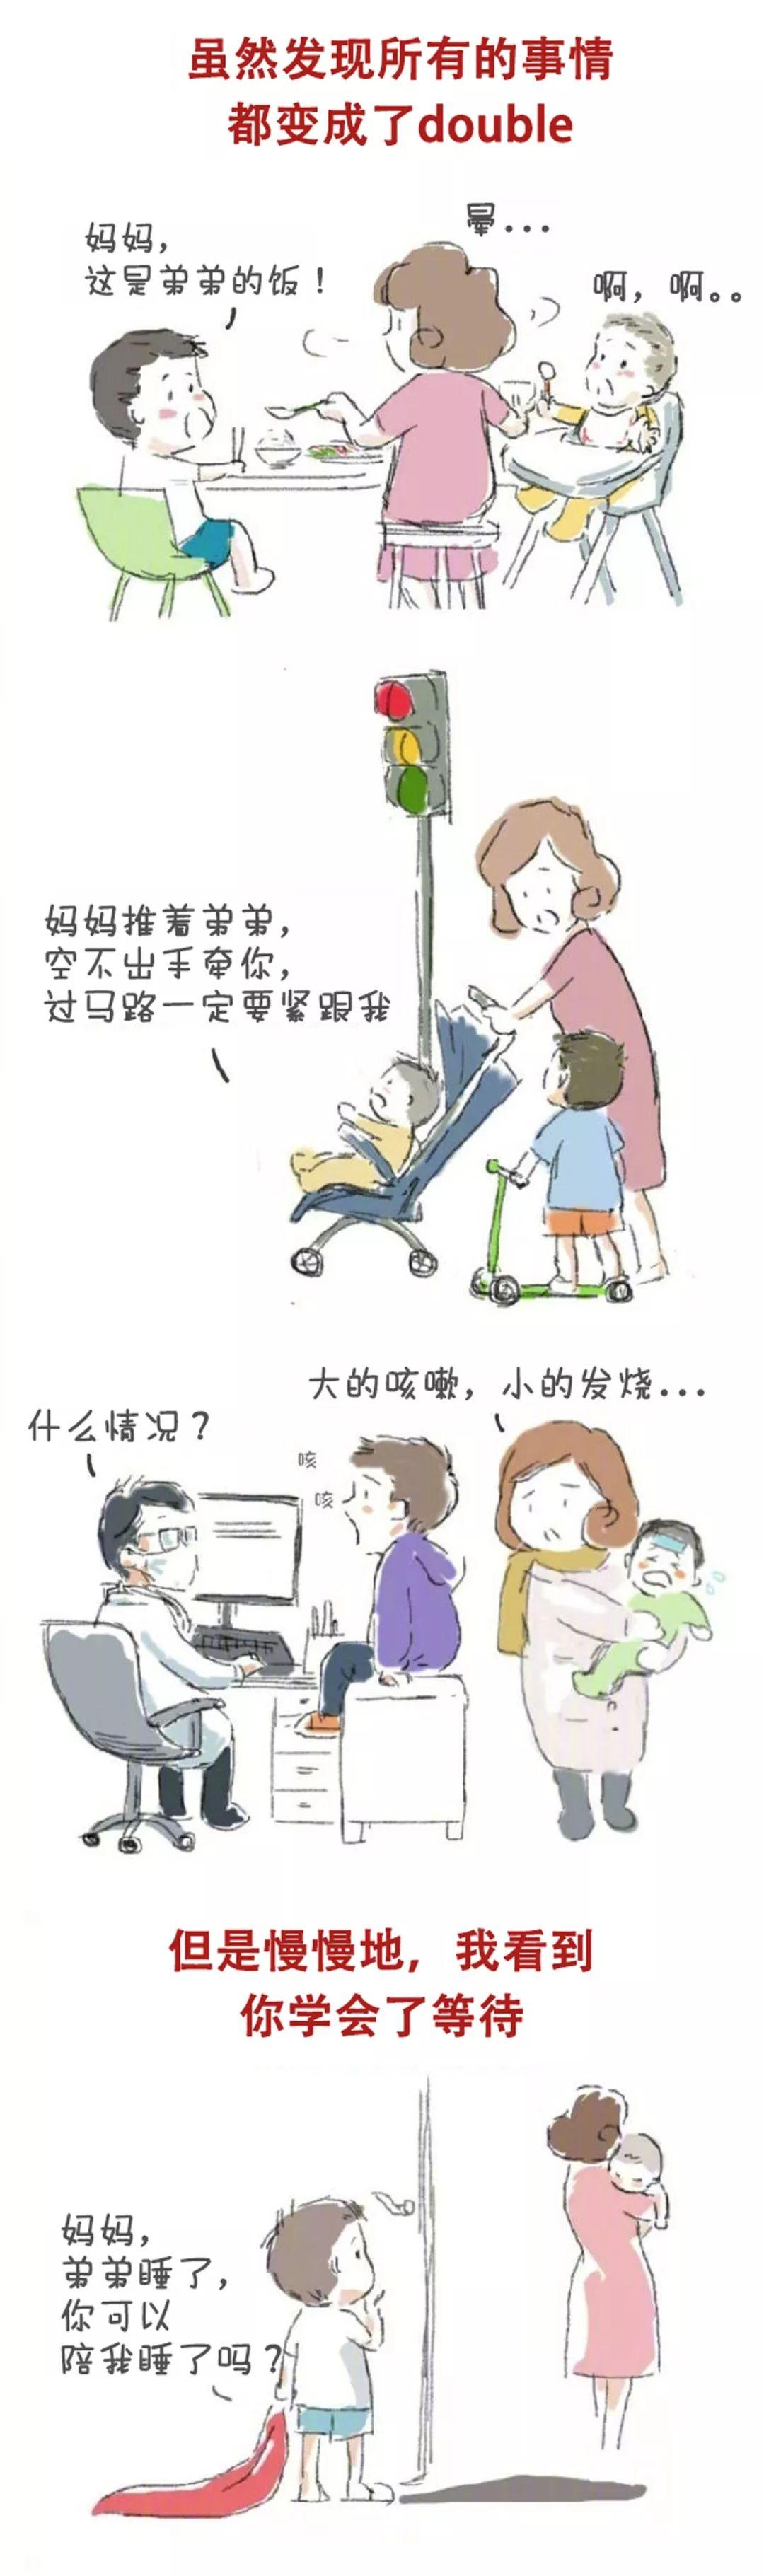 40岁章子怡二胎产子照曝光,丈夫的回应火了……